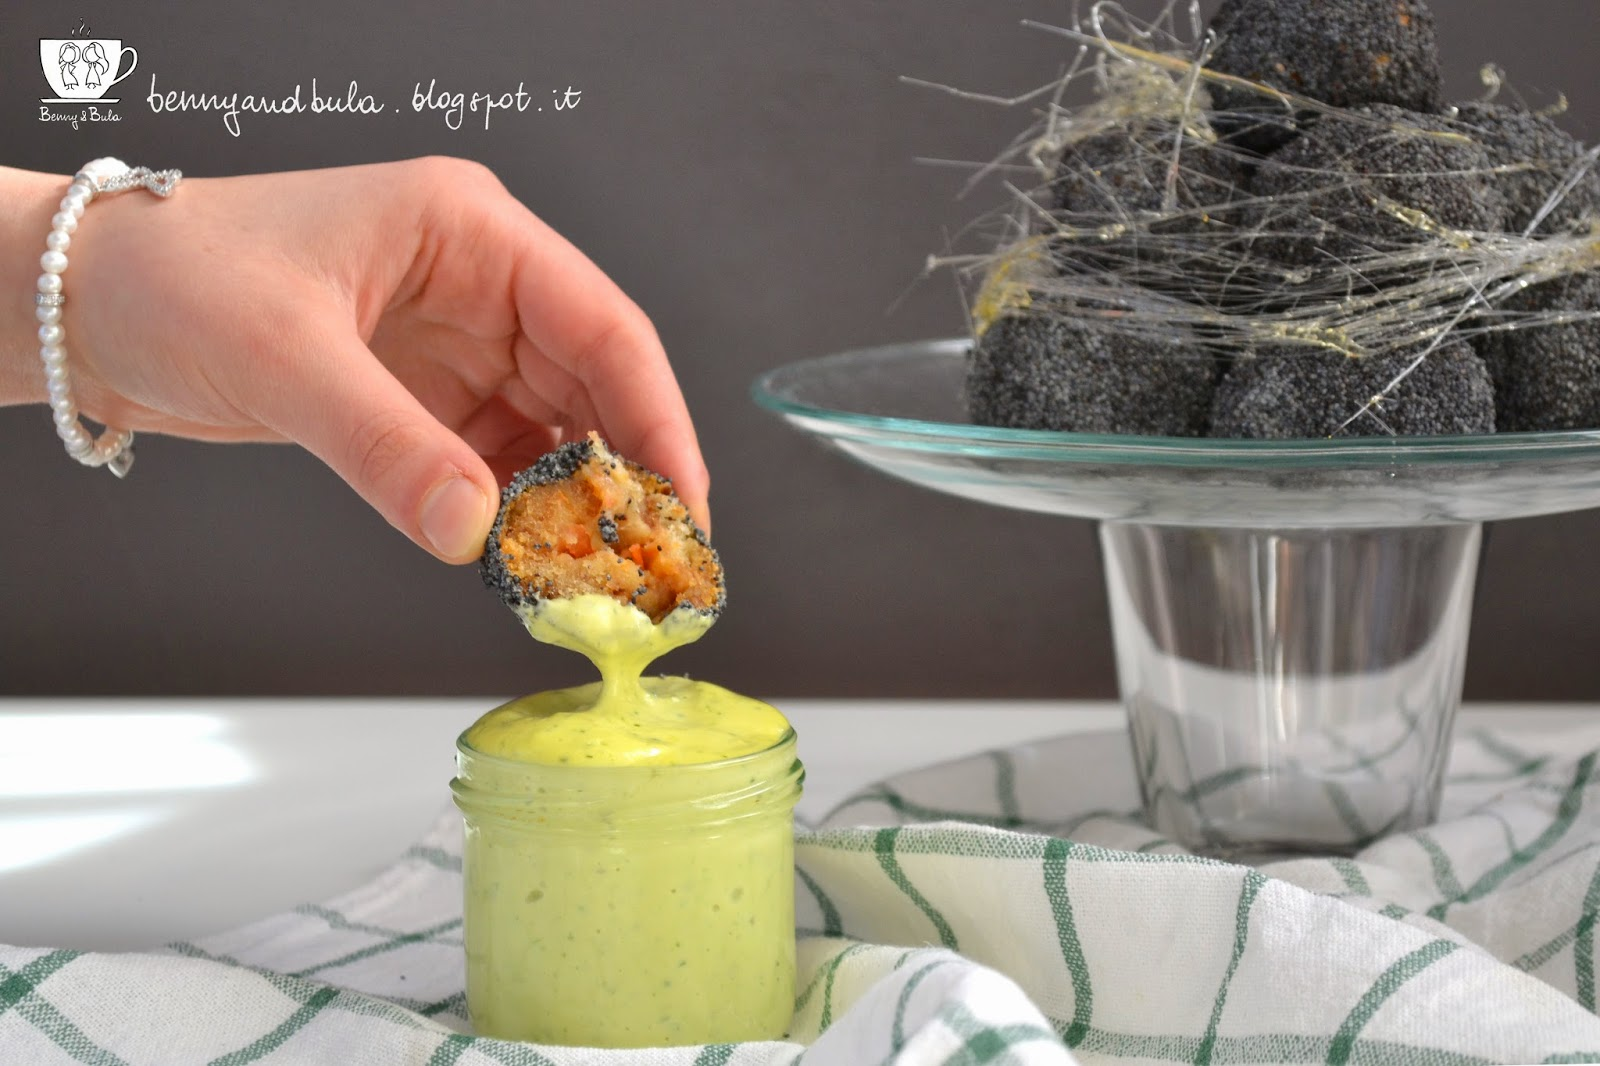 ricetta croquembuche salato di panzanella e semi di papavero + maionese al basilico/ savoury salted croquembouche with bread tomato mozzarella and poppy seeds + basil mayo recipe